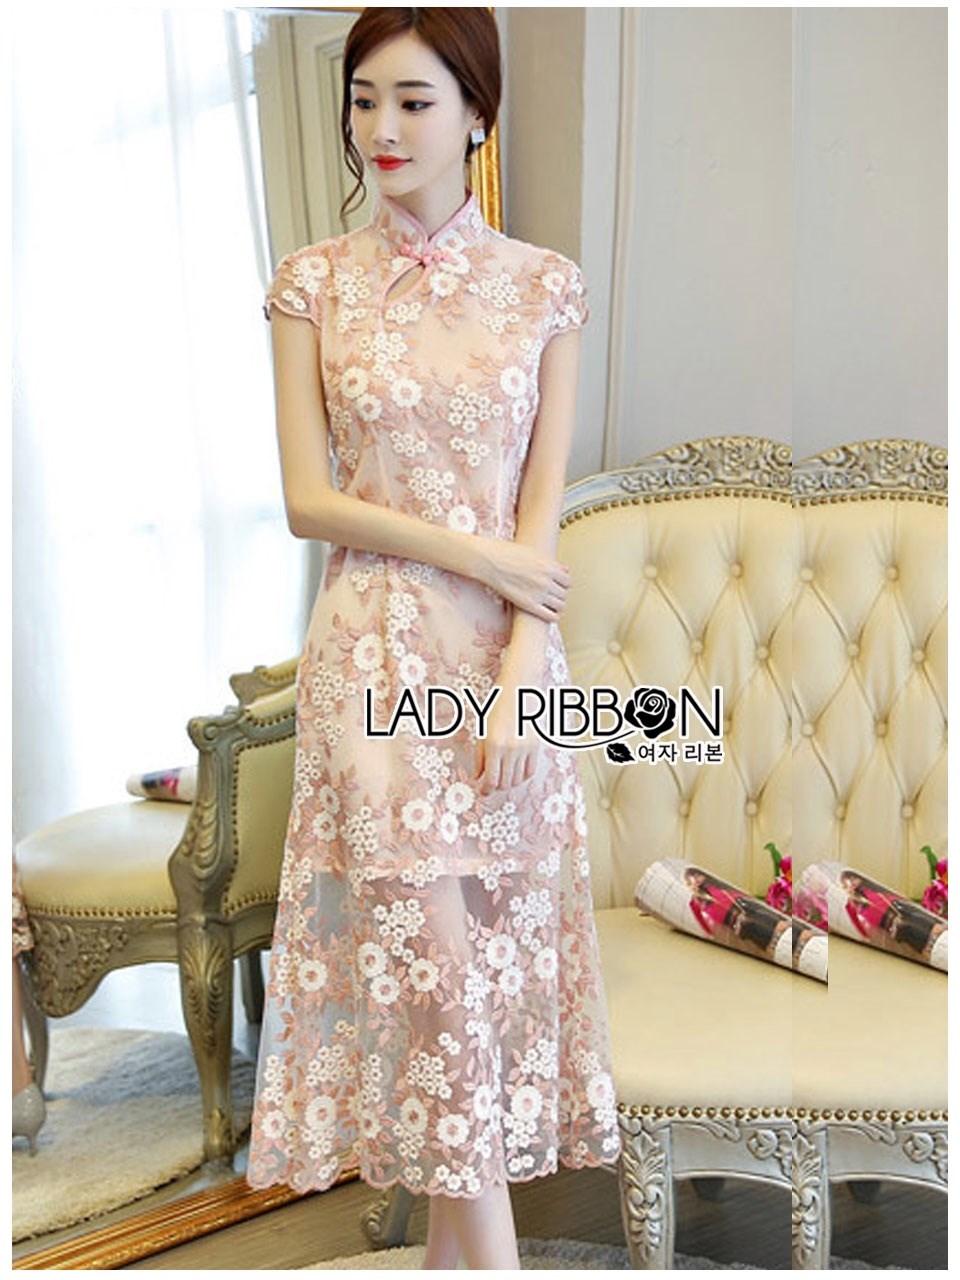 Dress เดรสทรงกี่เพ้าผ้าลูกไม้สีชมพูอ่อน ลุคนี้เป็นสไตล์จีนอีกแล้วค่ะ แต่เป็นลุคหวานๆแบบเฟมินีน